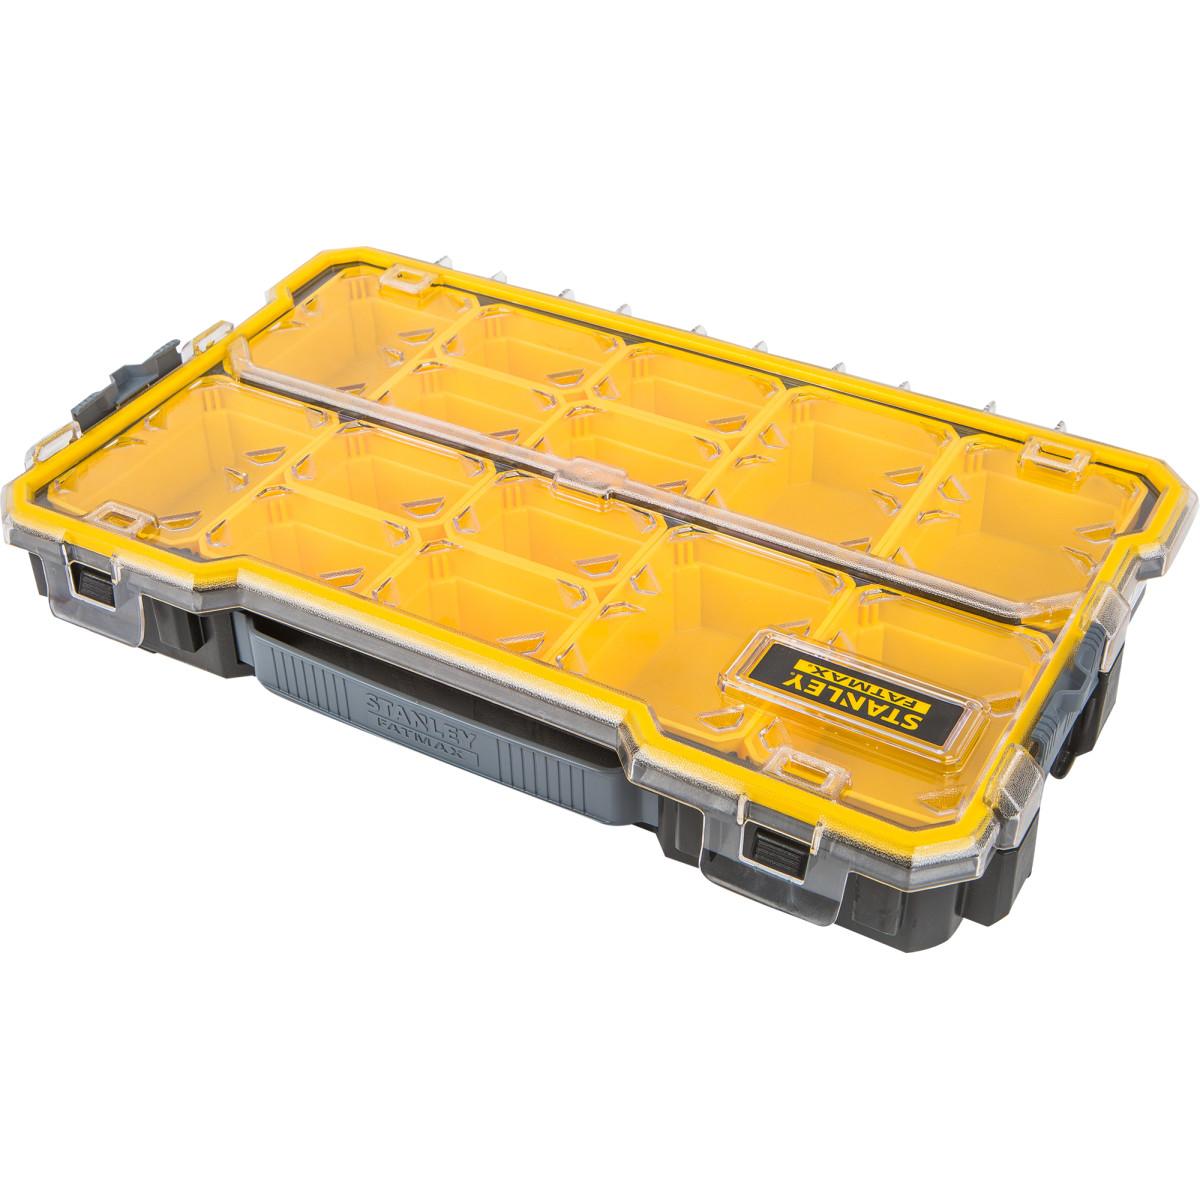 Органайзер Fatmax 440x65x275 мм 13 ящиков пластик